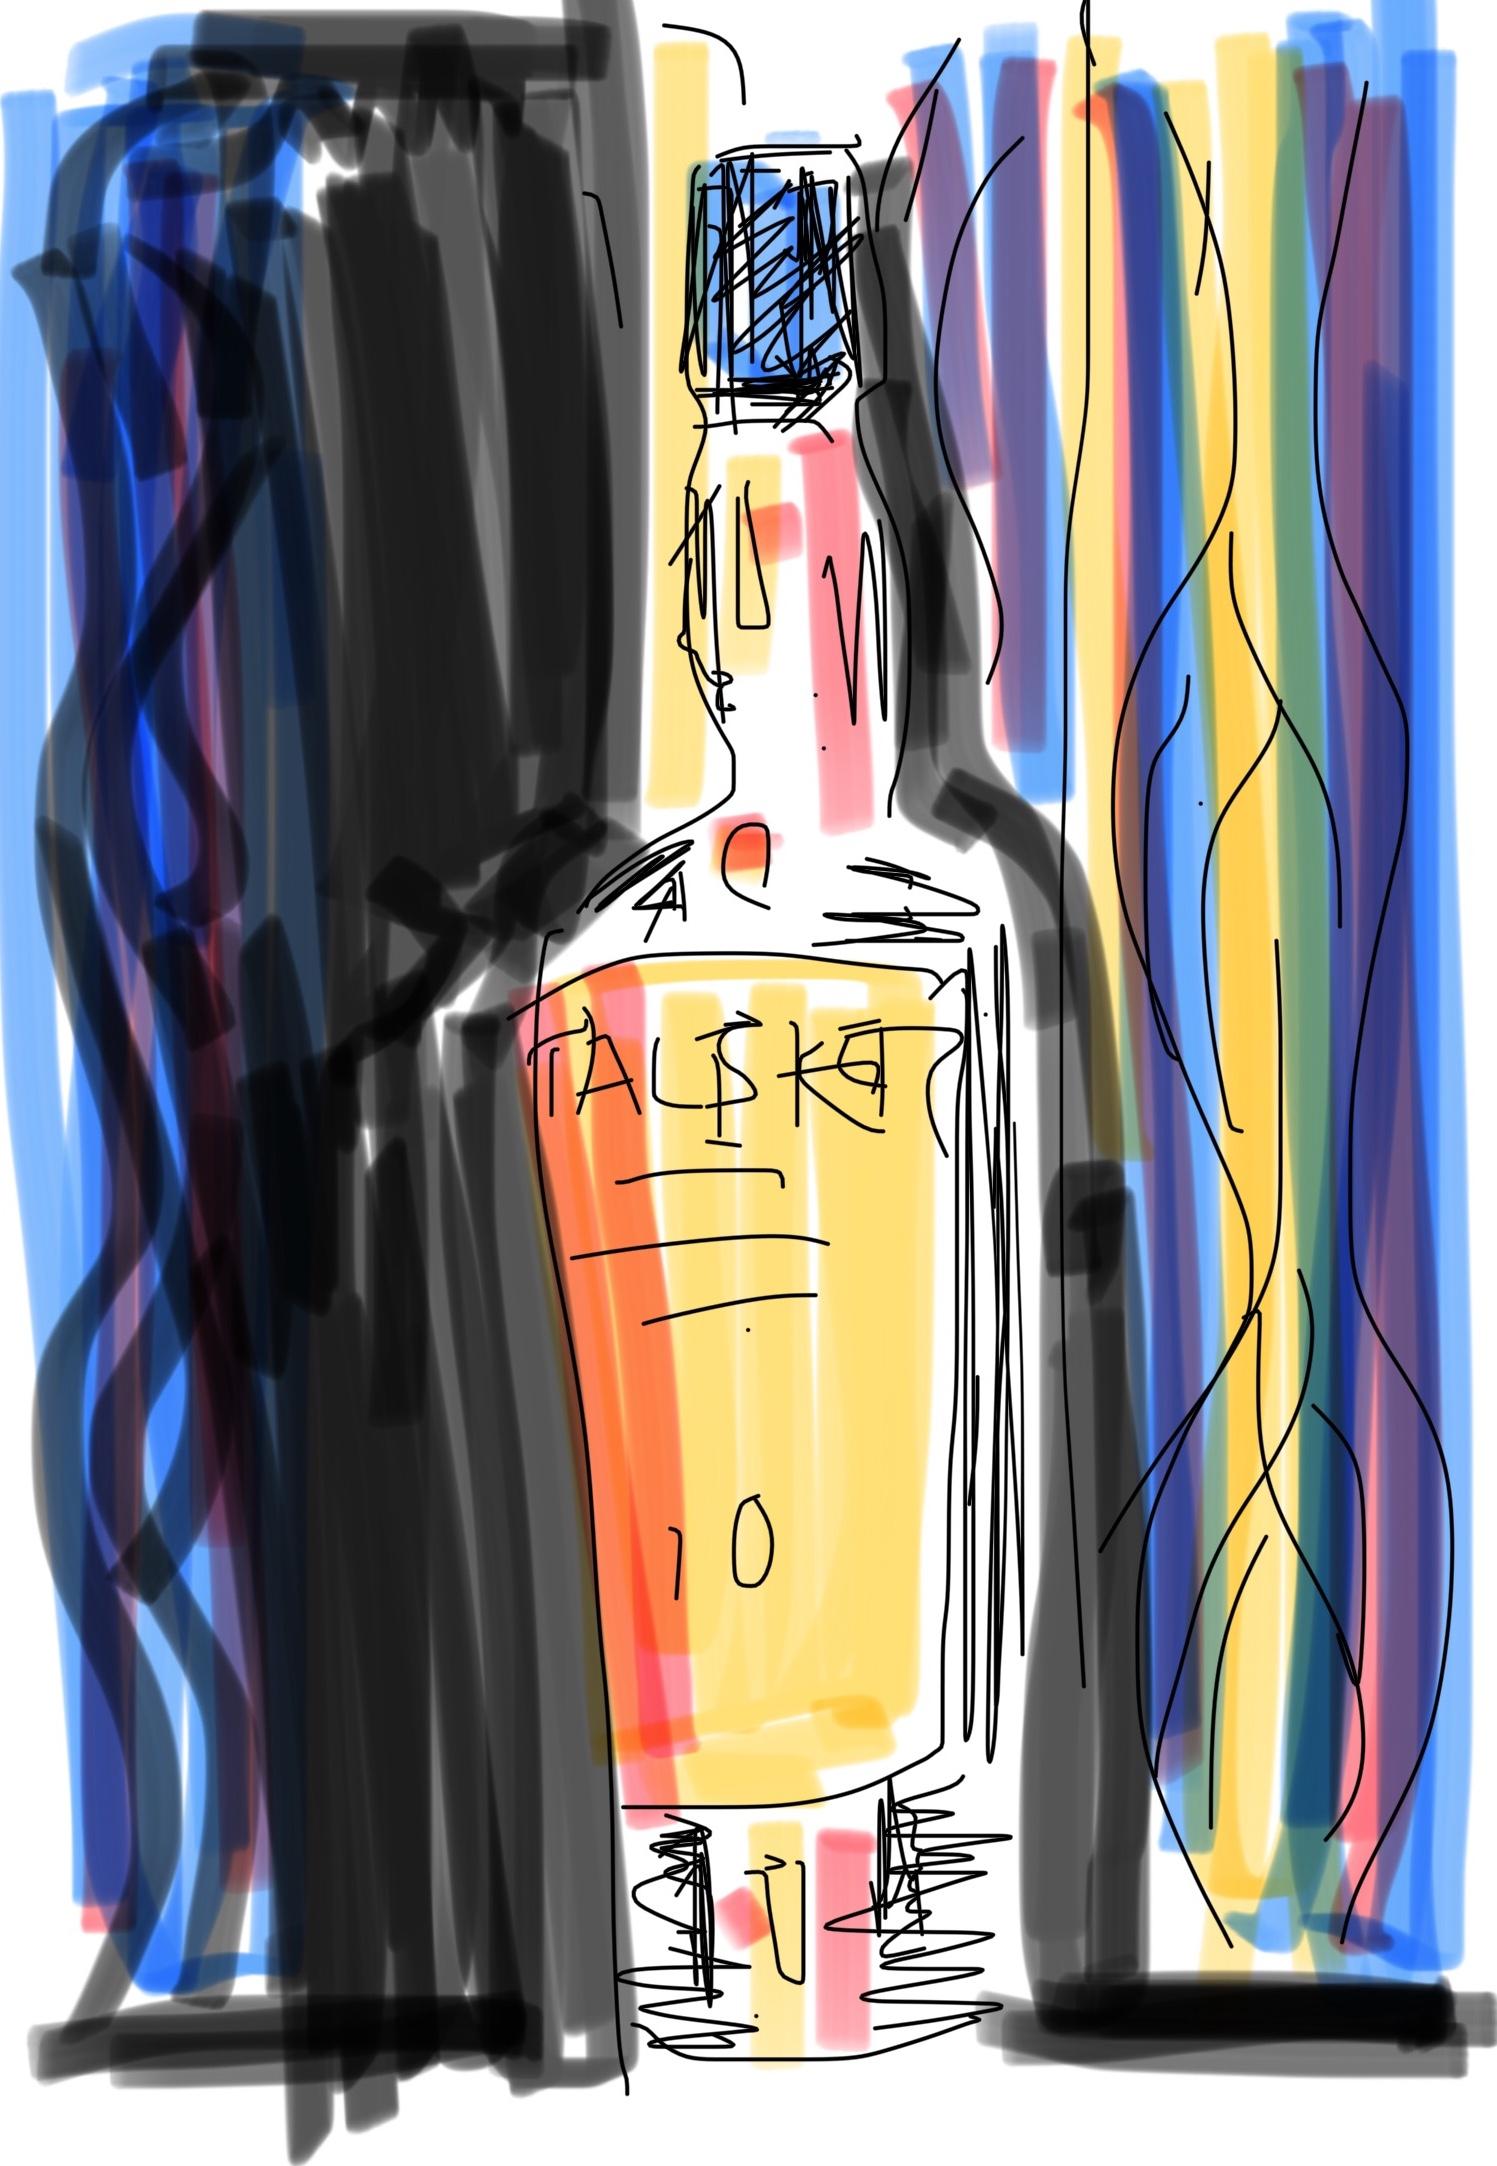 fig.1:    Talisker 10 still life